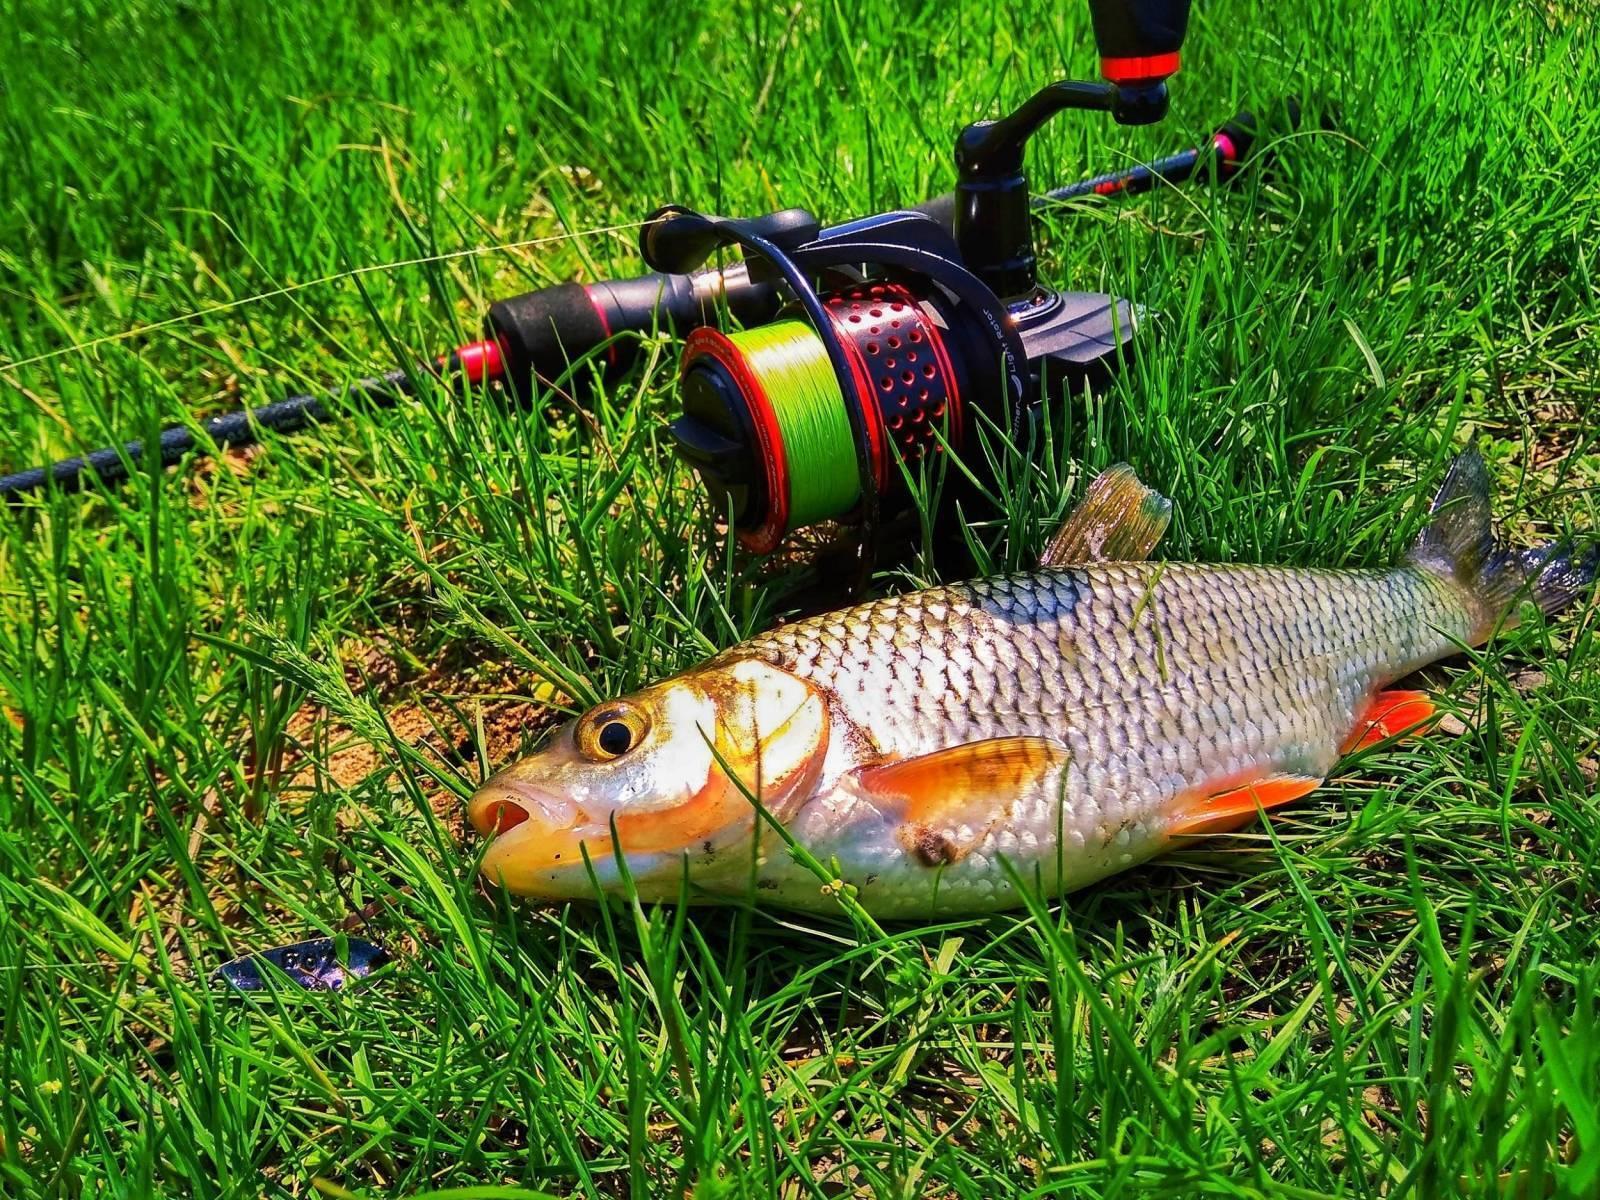 Голавль: описание рыбы, места ее обитания, простые советы и рекомендации на что ловить голавля (120 фото)